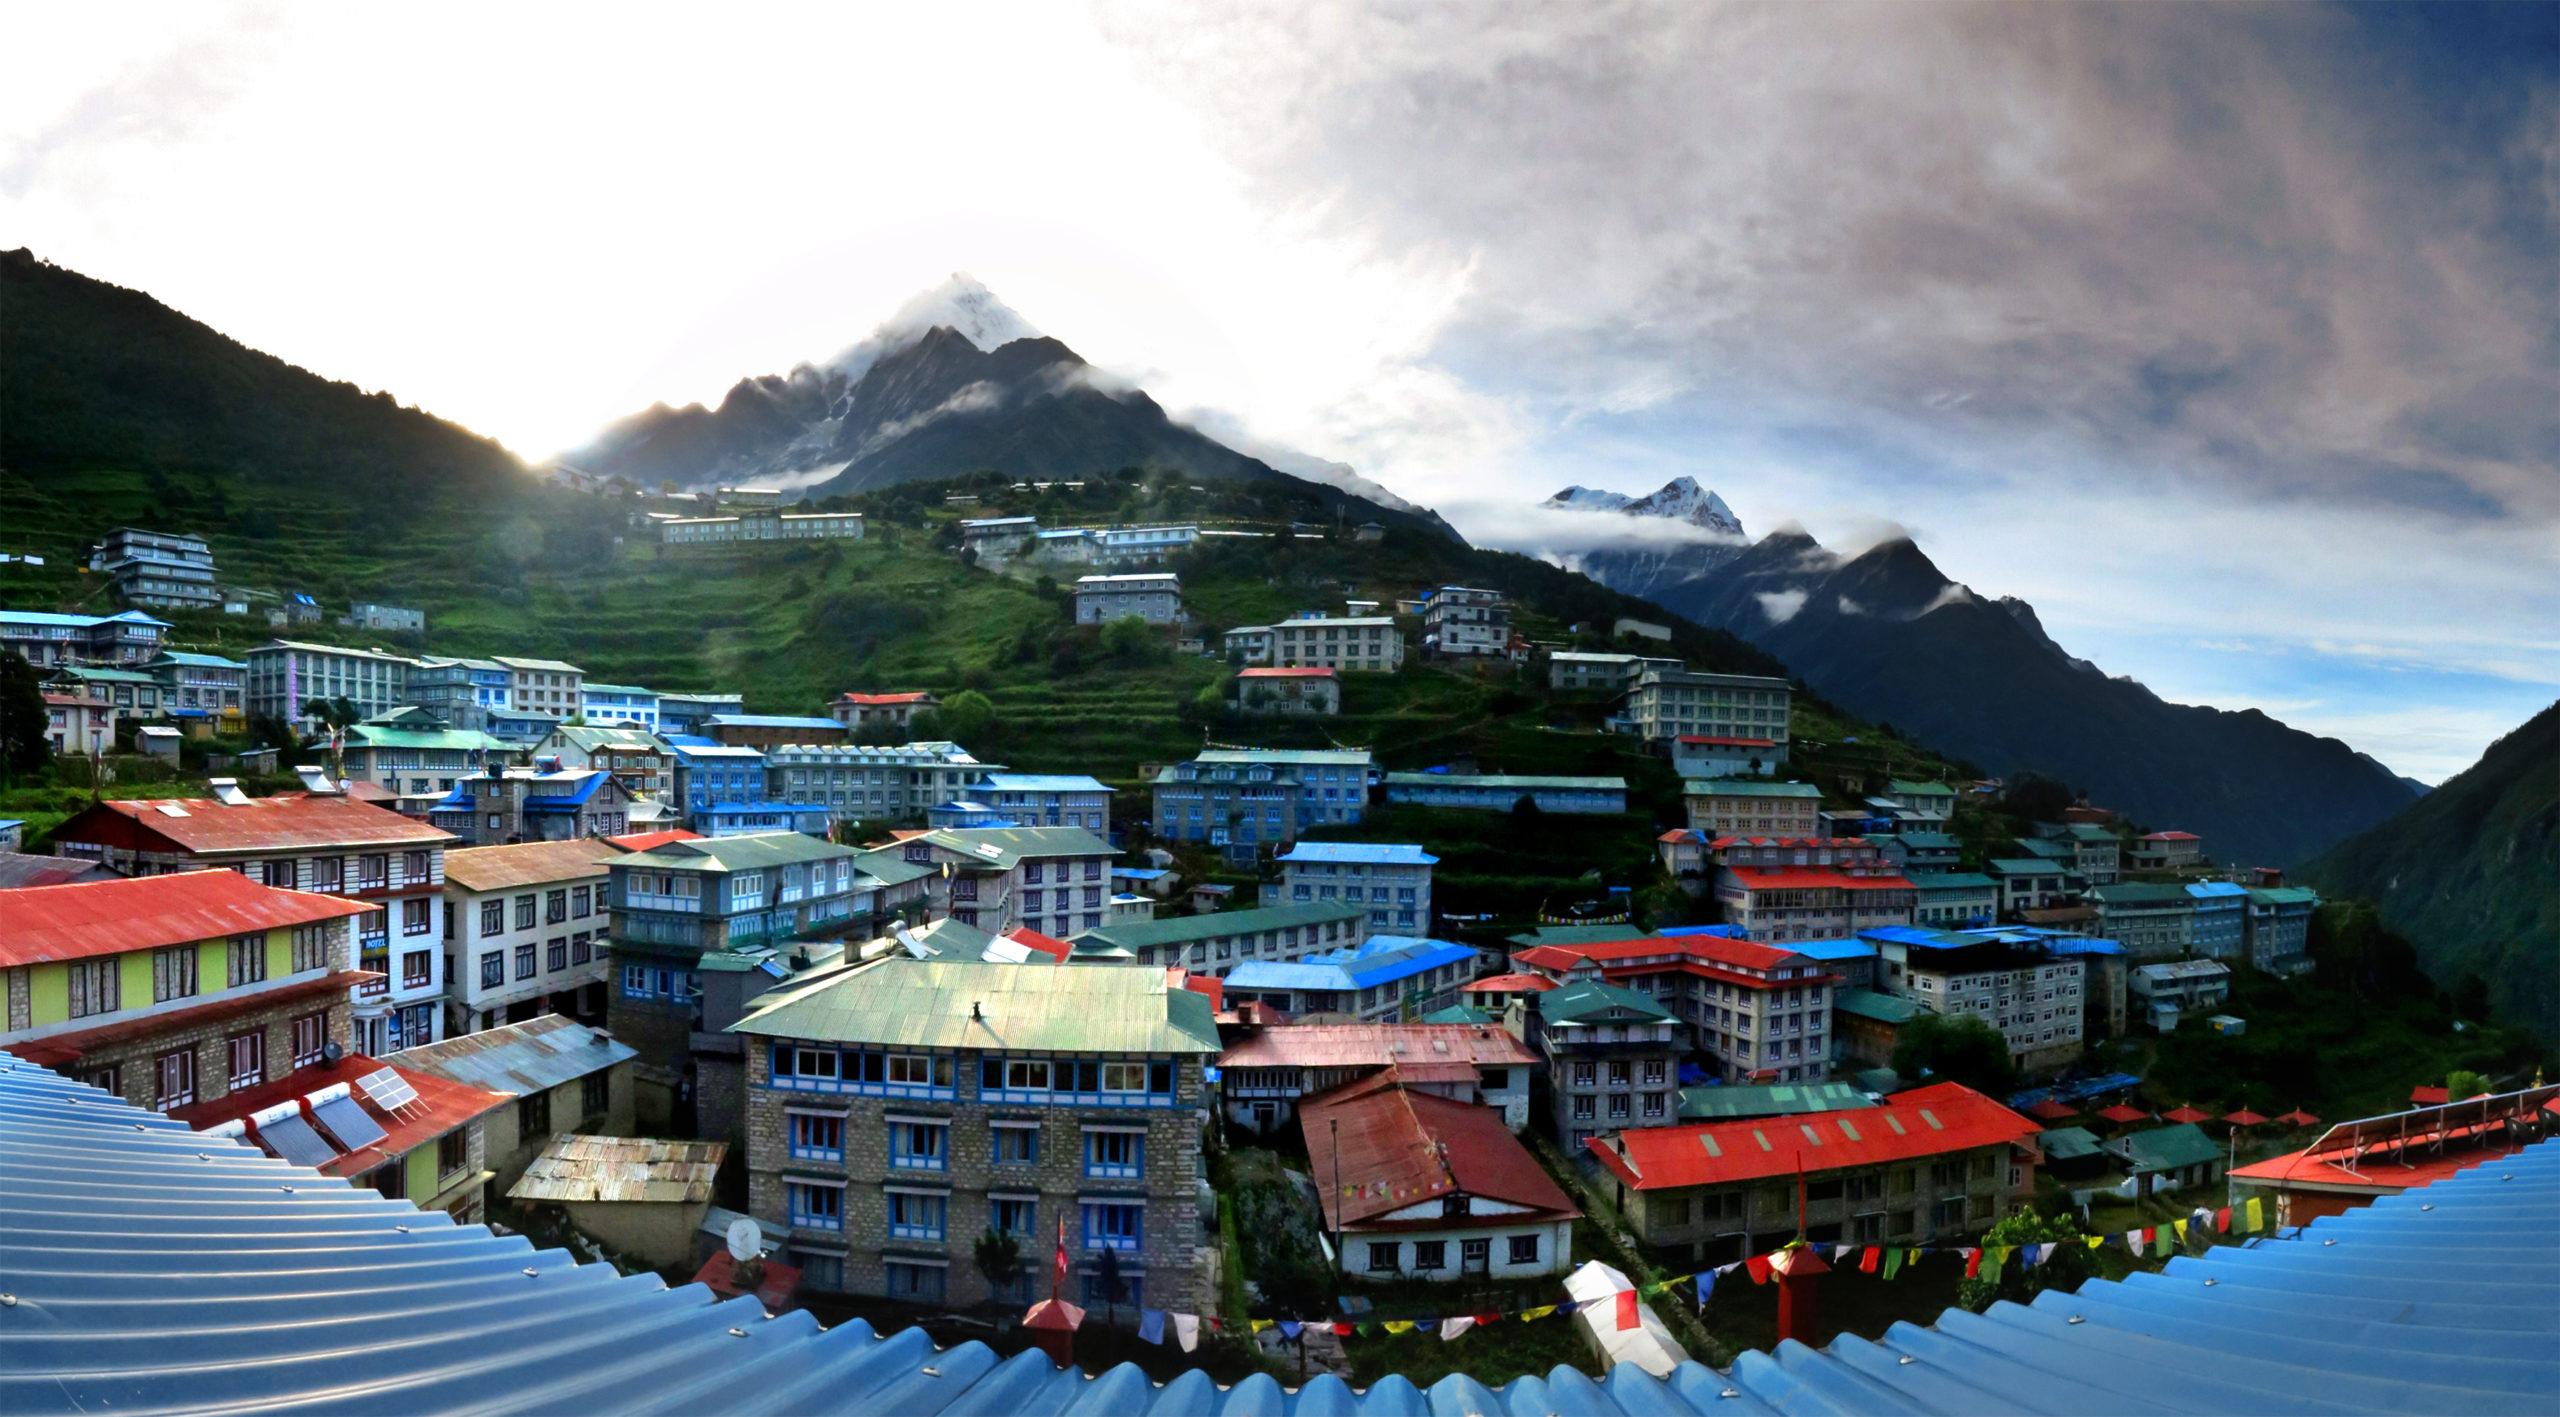 Namche Bazaar a 3.440 m, es la capital del pueblo Sherpa y centro neurálgico de la región. Foto Edu Lalanda